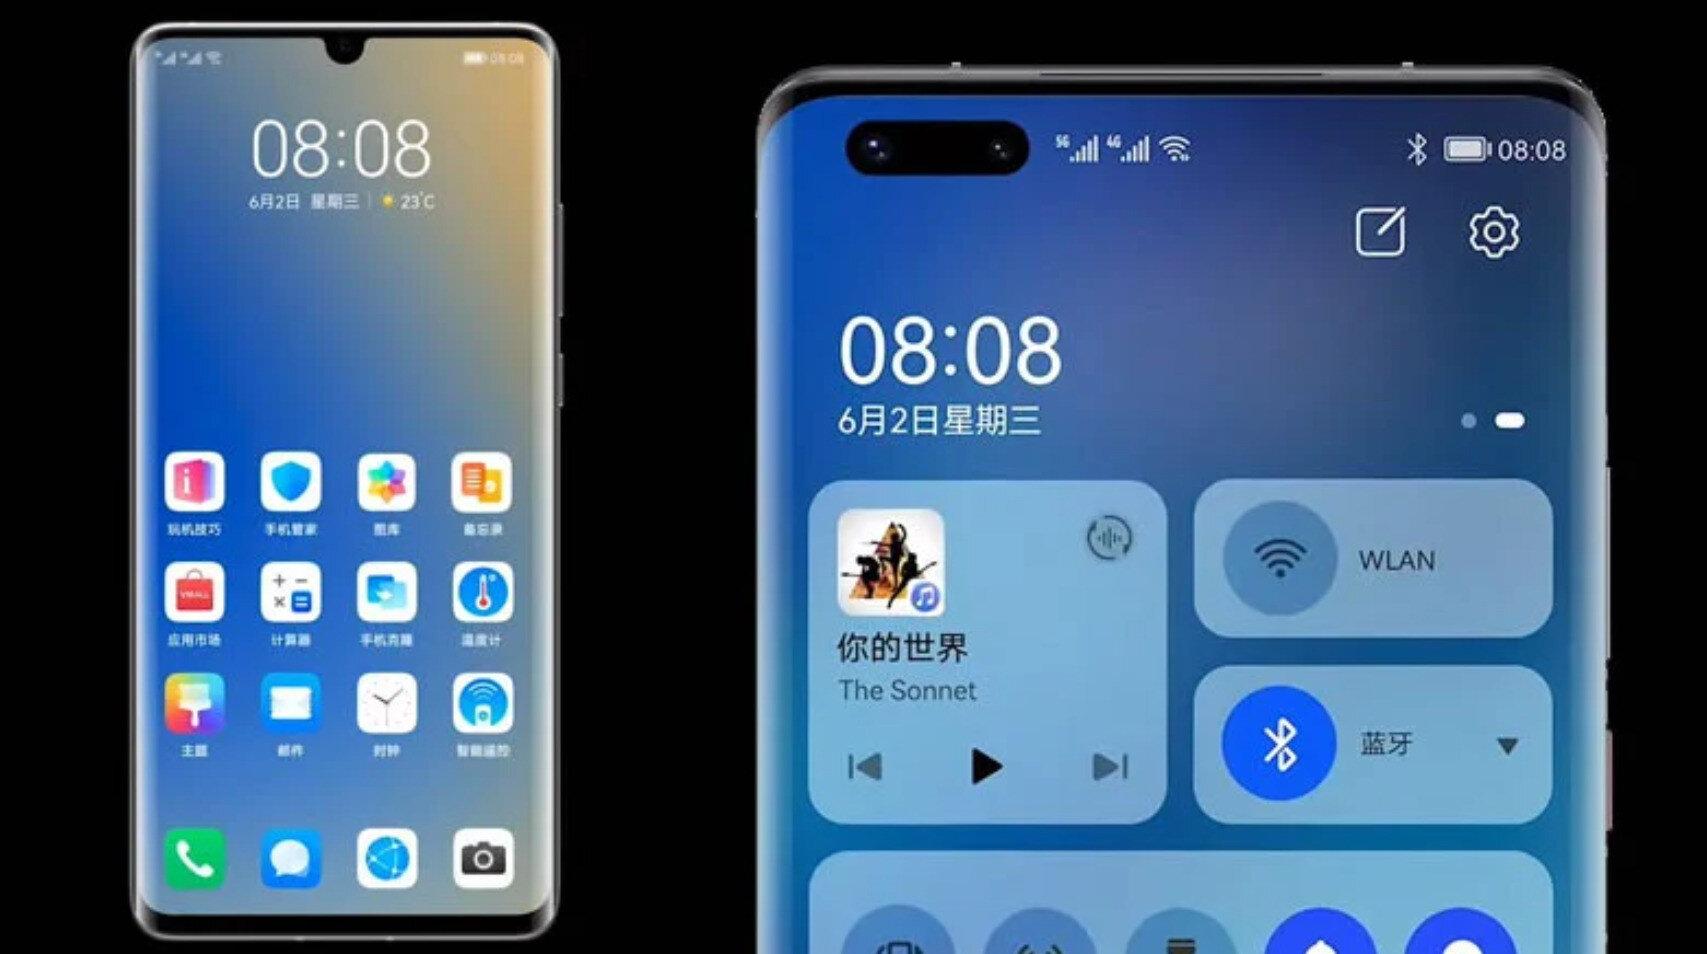 Huawei HarmonyOS, Android'den kişisel verilerin ya da uygulamaların aktarılması konusunda hiçbir sorun olmayacağını duyurdu.